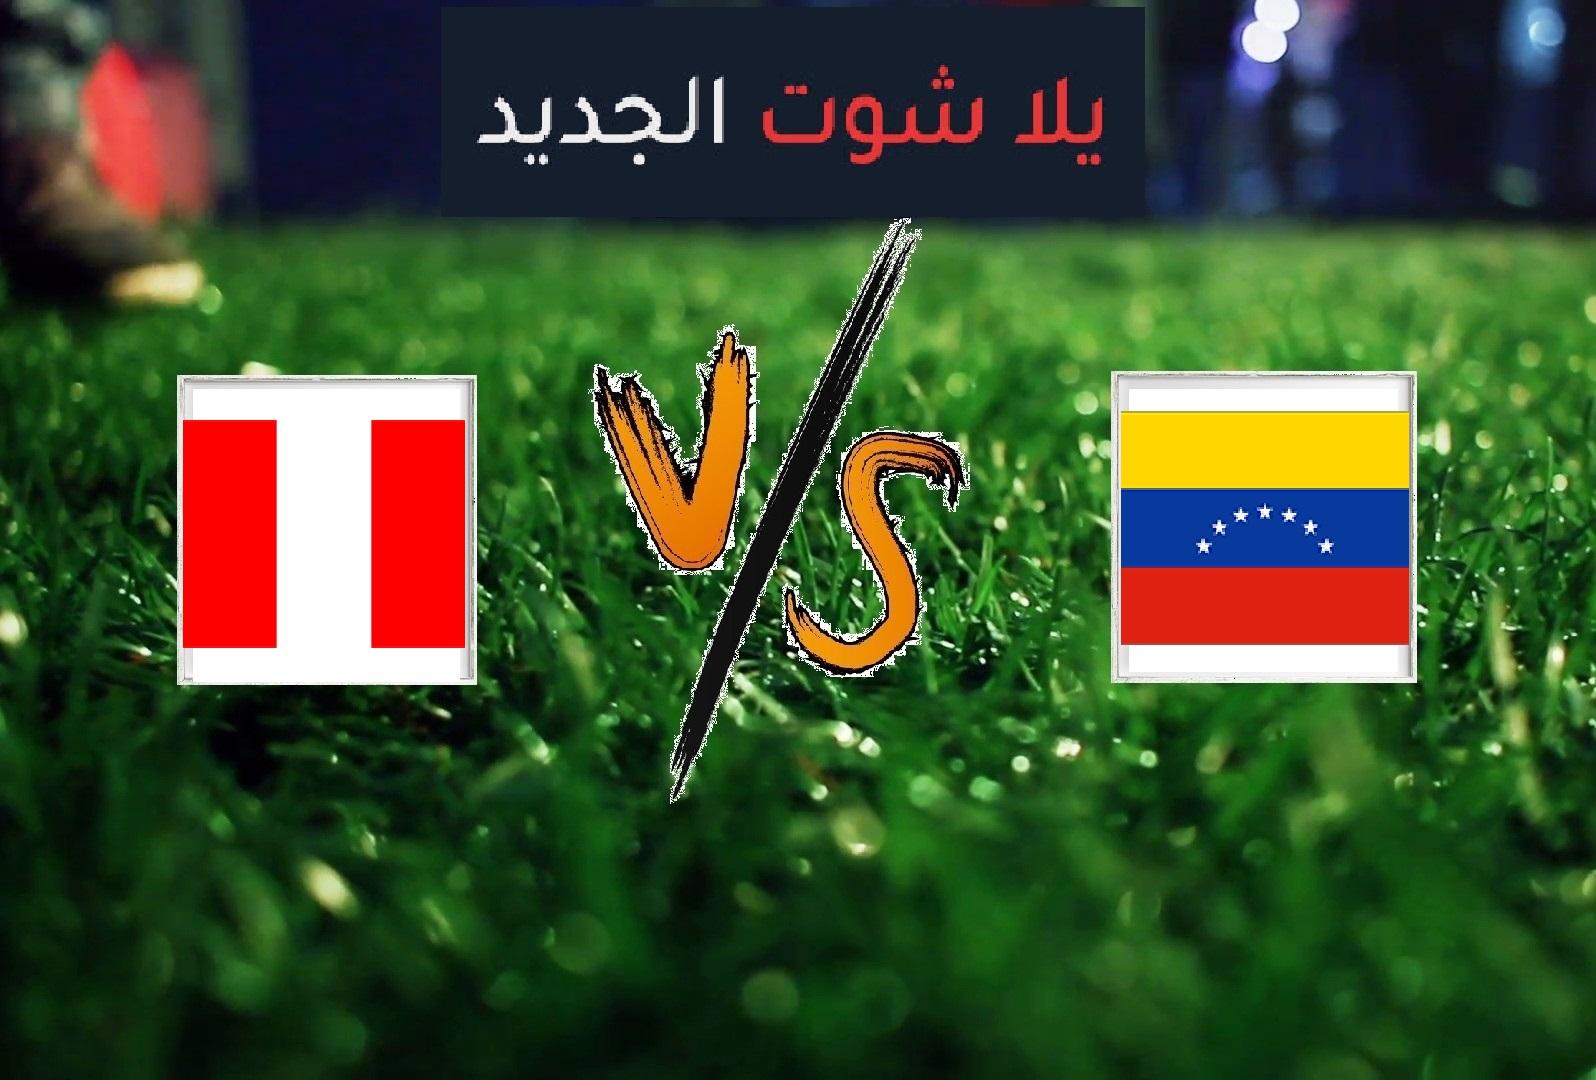 ملخص مباراة فنزويلا والبيرو اليوم السبت بتاريخ 15-06-2019 كوبا أمريكا 2019